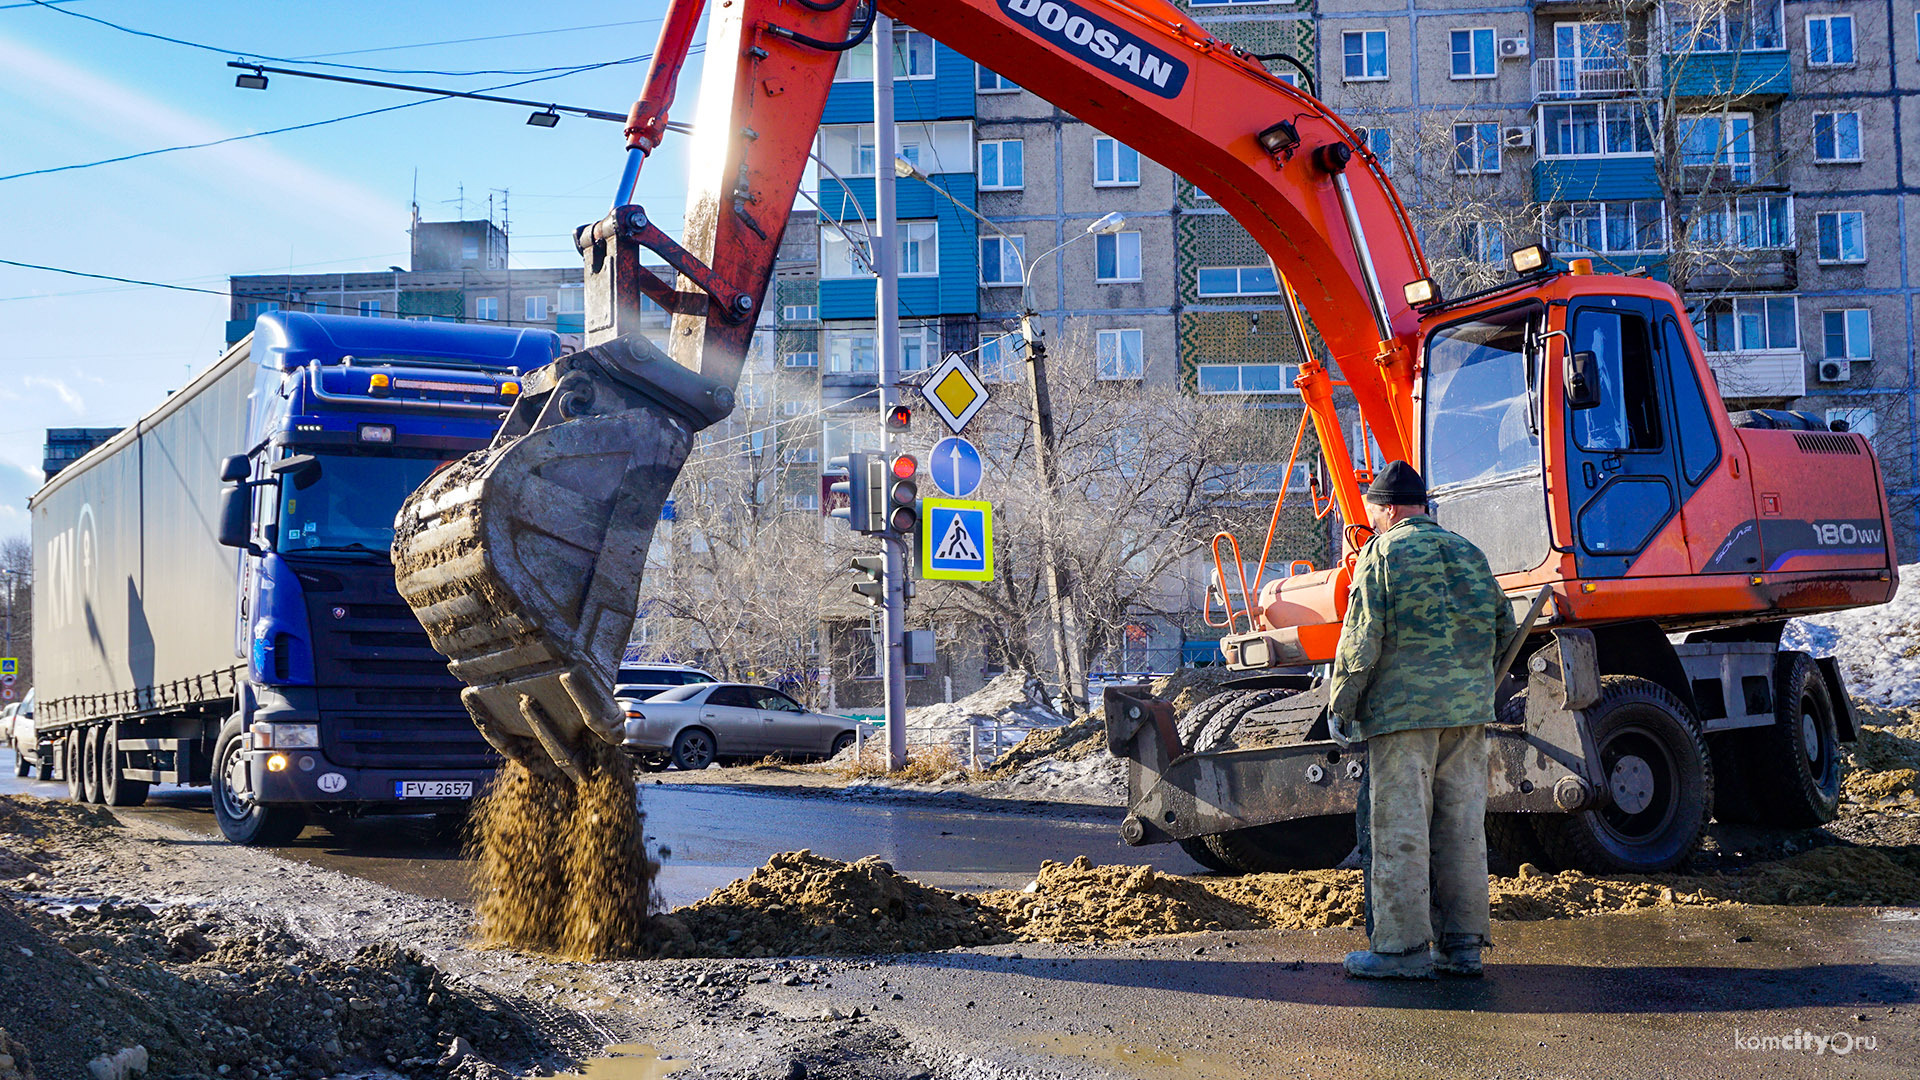 Растаявшая траншея на свежеотремонтированной улице стала причиной утренней пробки в Комсомольске-на-Амуре